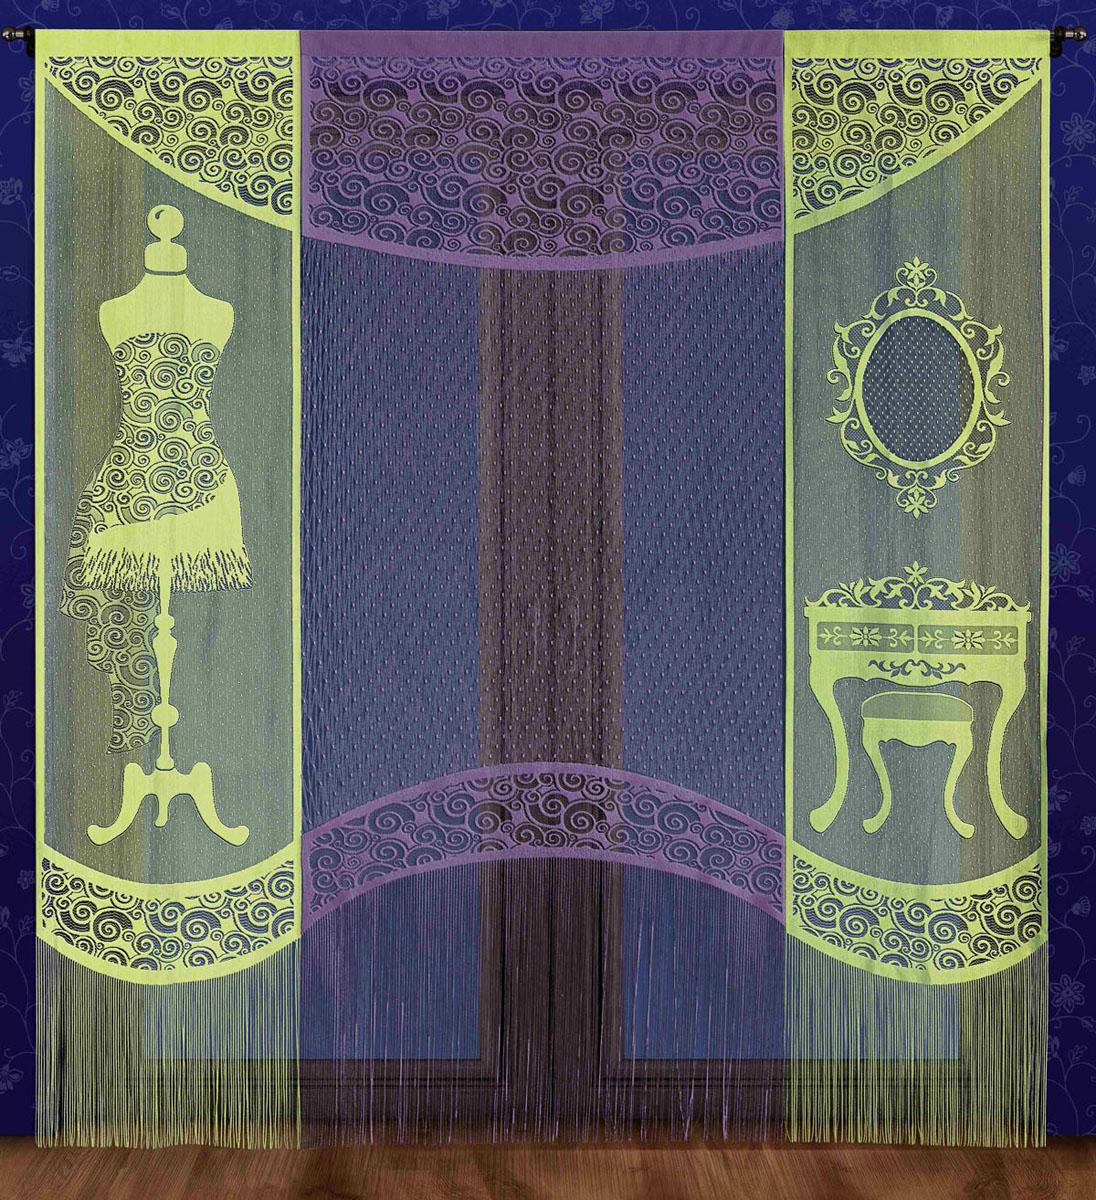 Комплект гардин-панно Garderoba, на кулиске, цвет: салатовый, фиолетовый, высота 250 см725977Комплект гардин-панно Garderoba, изготовленный из полиэстера, станет великолепным украшением любого окна. В комплект входят две салатовые гардины с изображением предметов интерьера гардеробной и одна фиолетовая гардина. Тонкое плетение, оригинальный дизайн и приятная цветовая гамма привлекут к себе внимание и органично впишутся в интерьер. Все элементы комплекта оснащены кулиской для крепления на круглый карниз. Характеристики: Материал: 100% полиэстер. Размер упаковки: 27 см х 34 см х 6 см. Артикул: 725977. В комплект входит: Гардина-панно - 2 шт. Размер (Ш х В): 60 см х 250 см. Гардина-панно - 1 шт. Размер (Ш х В): 100 см х 250 см. Фирма Wisan на польском рынке существует уже более пятидесяти лет и является одной из лучших польских фабрик по производству штор и тканей. Ассортимент фирмы представлен готовыми комплектами штор для гостиной, детской, кухни, а также текстилем для кухни (скатерти, салфетки, дорожки, кухонные...